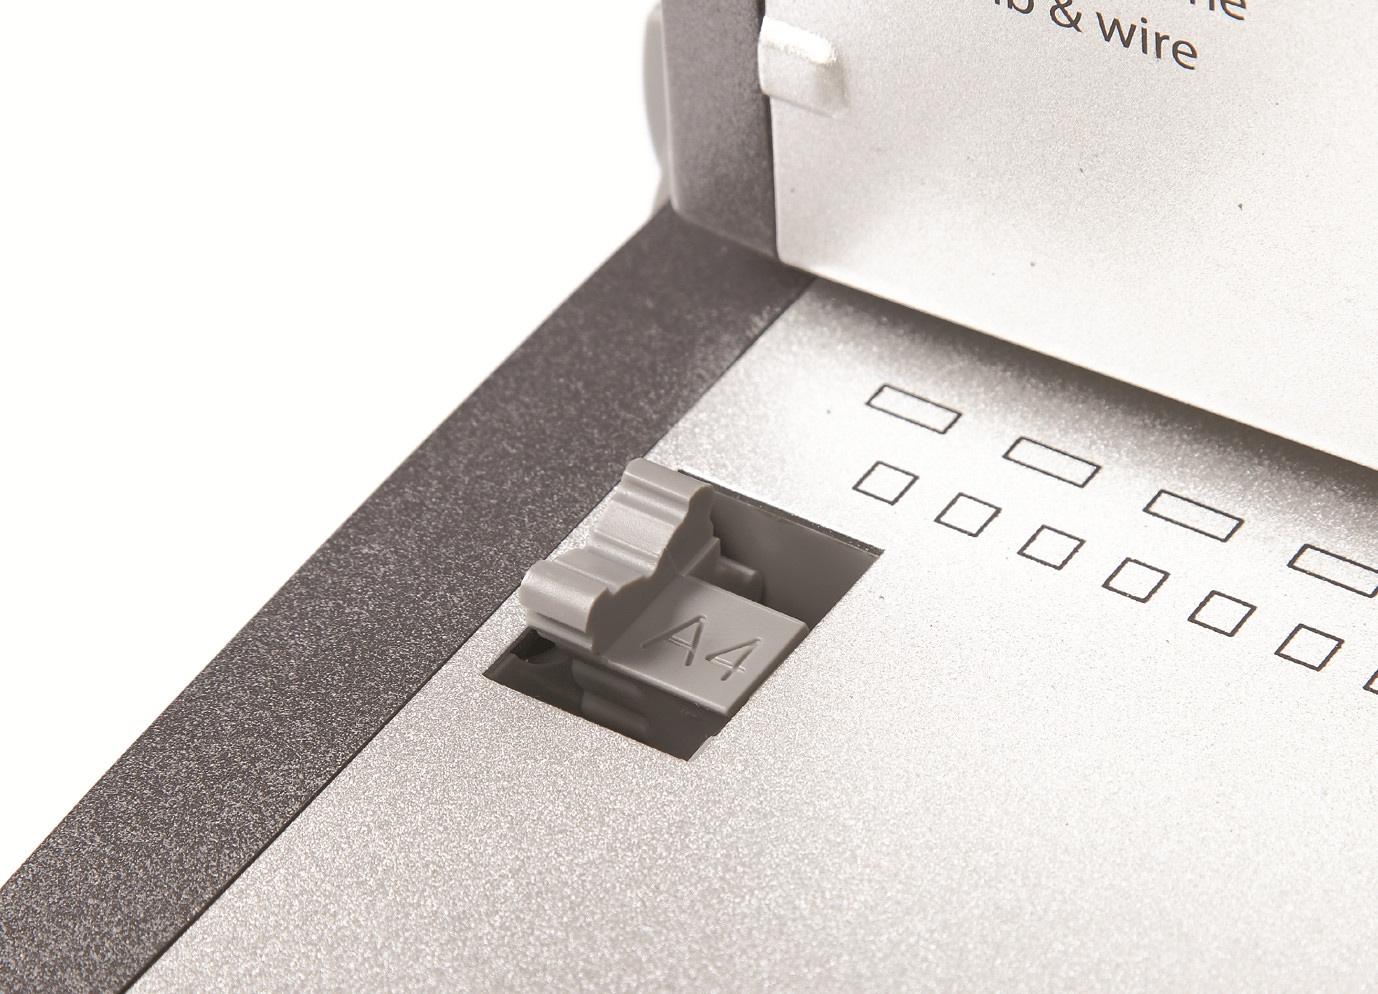 Переплетчик для металлических и пластиковых пружин Ibind X5, до 120/450л., дырокол 20л. D&Art - фото 8